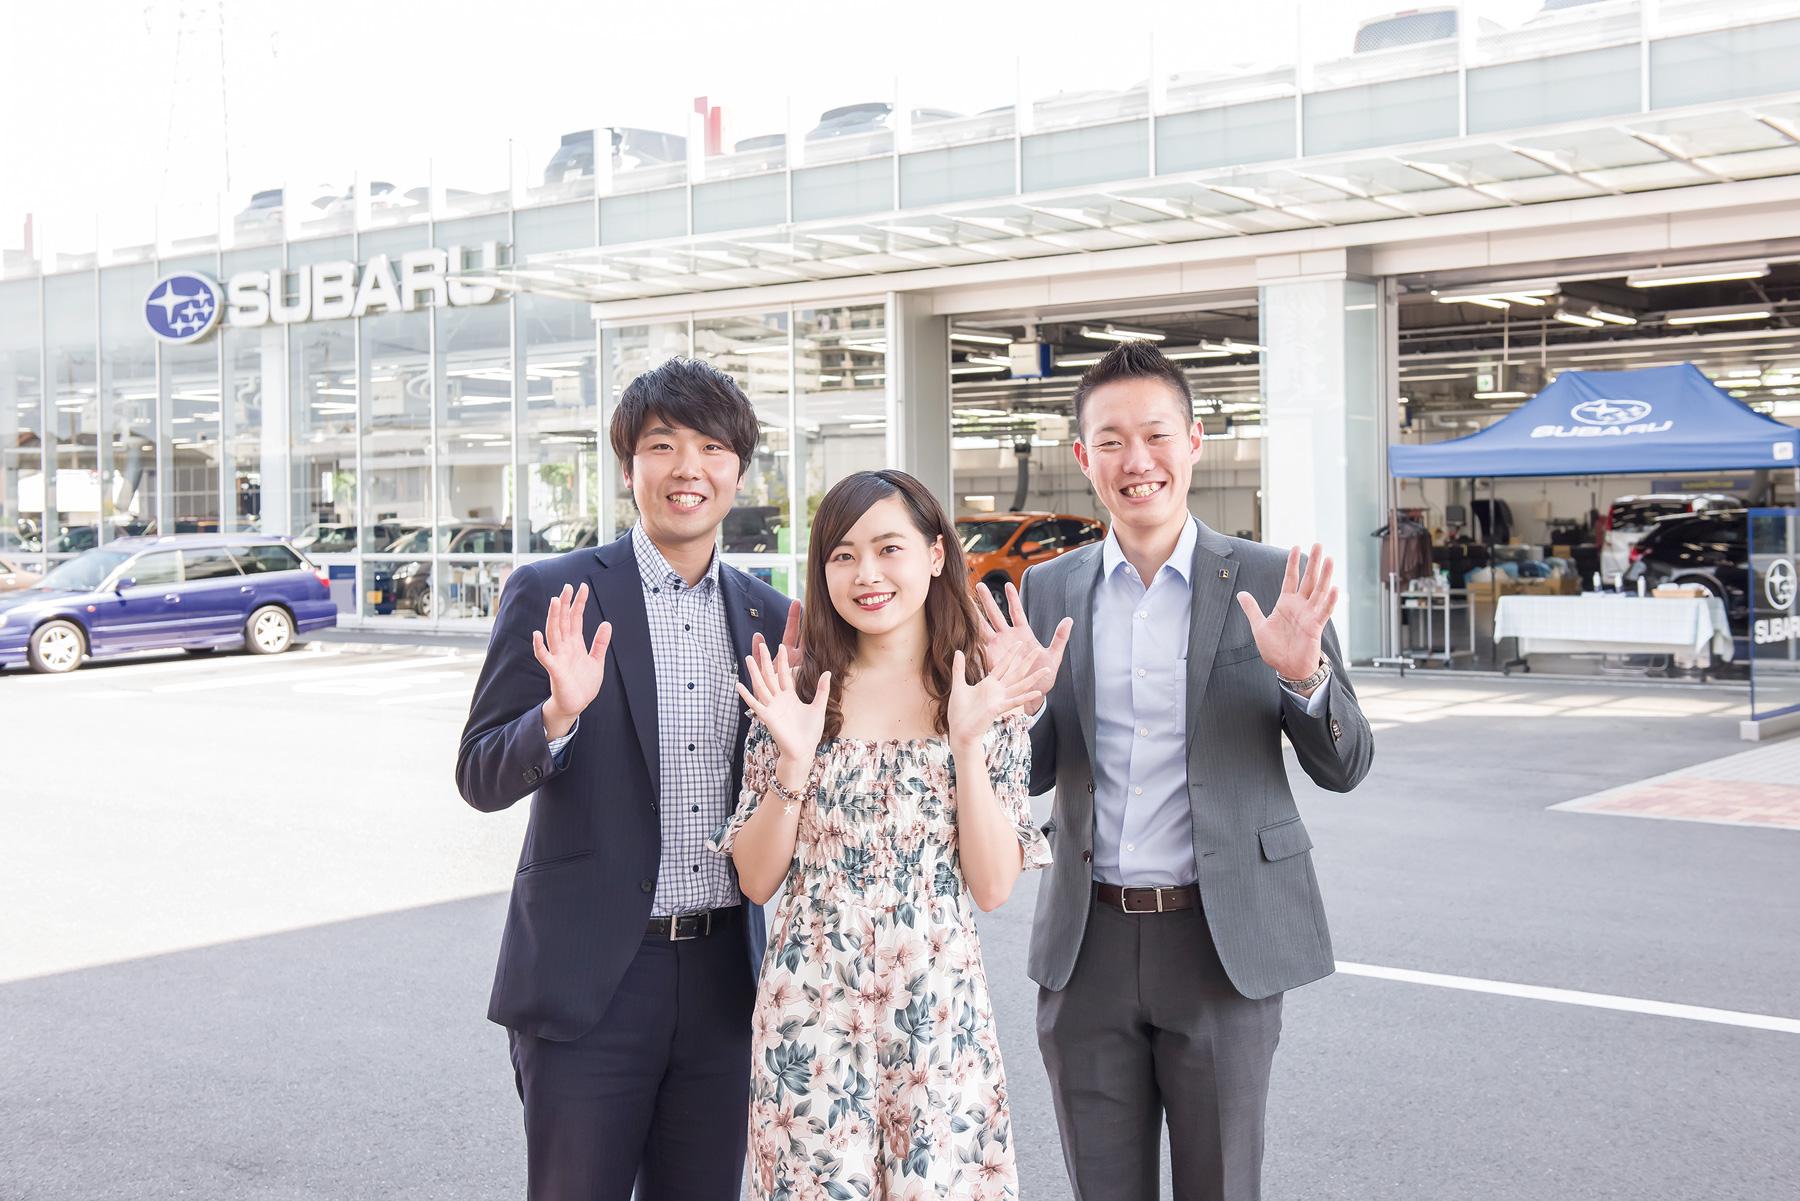 【富士スバルPresents!】富士スバル両毛地域お店探訪 太田店